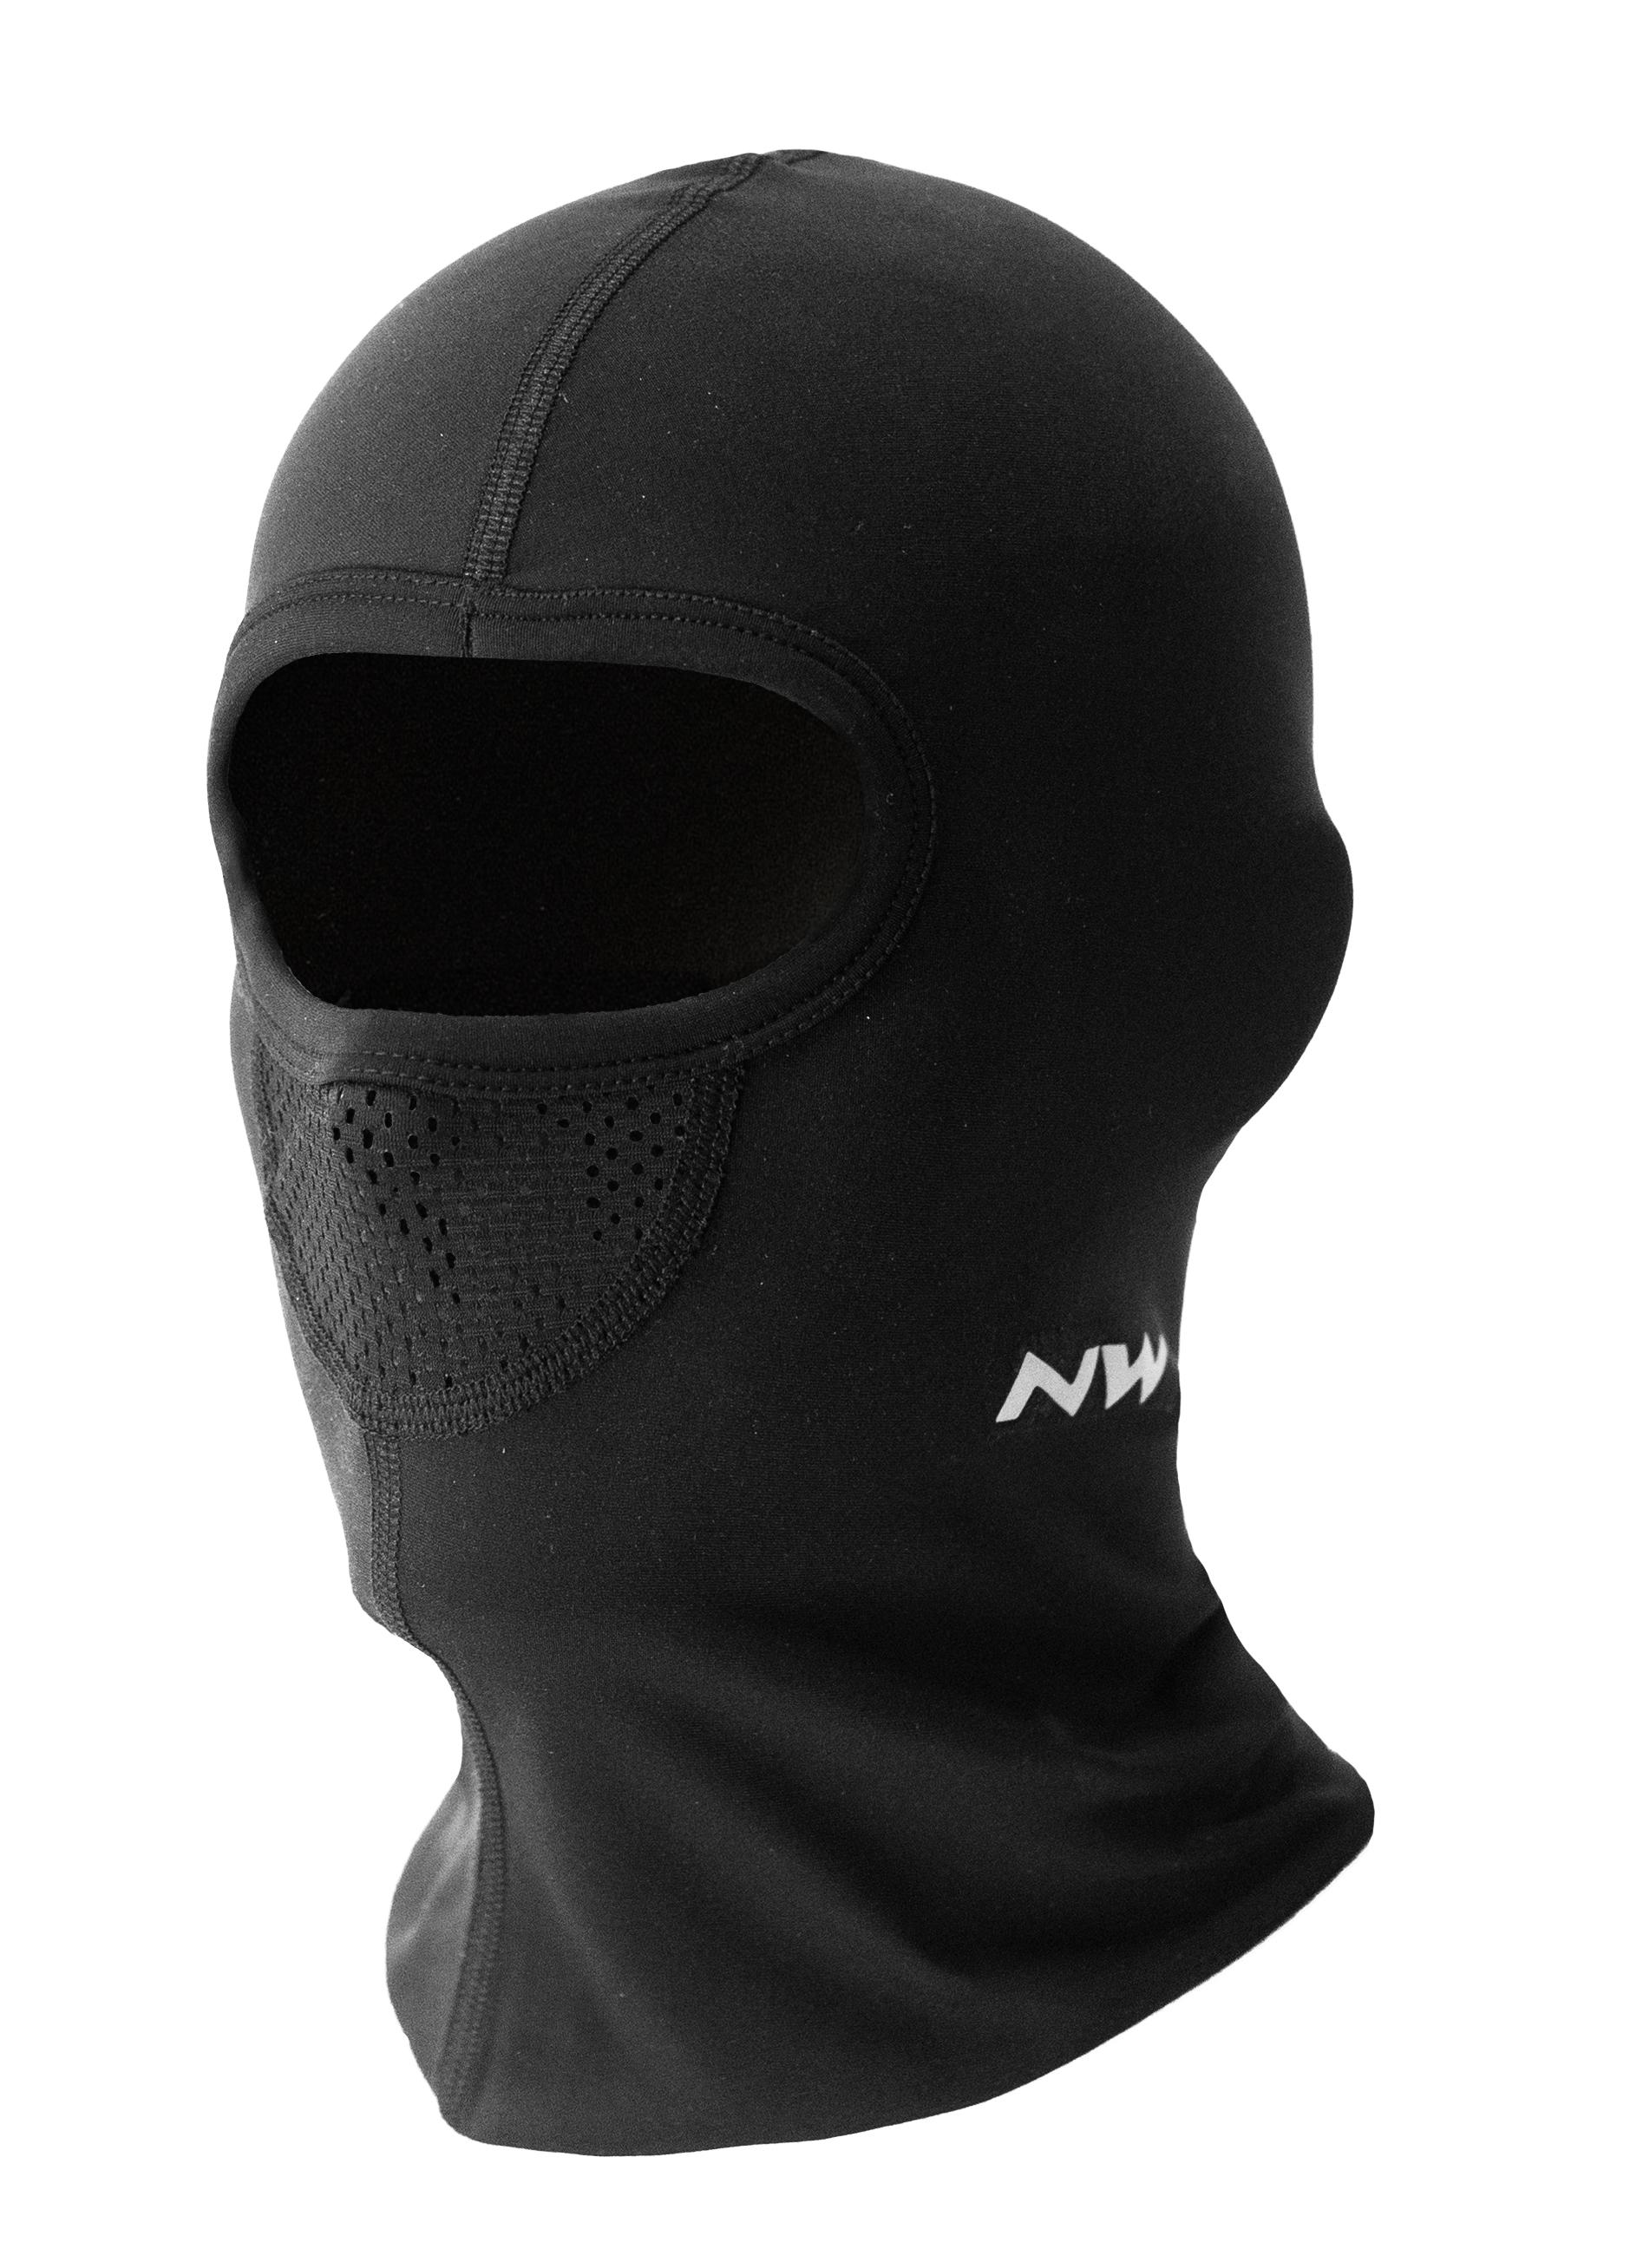 Sapka NORTHWAVE téli BALACLAVA maszk, fekete, egy méret